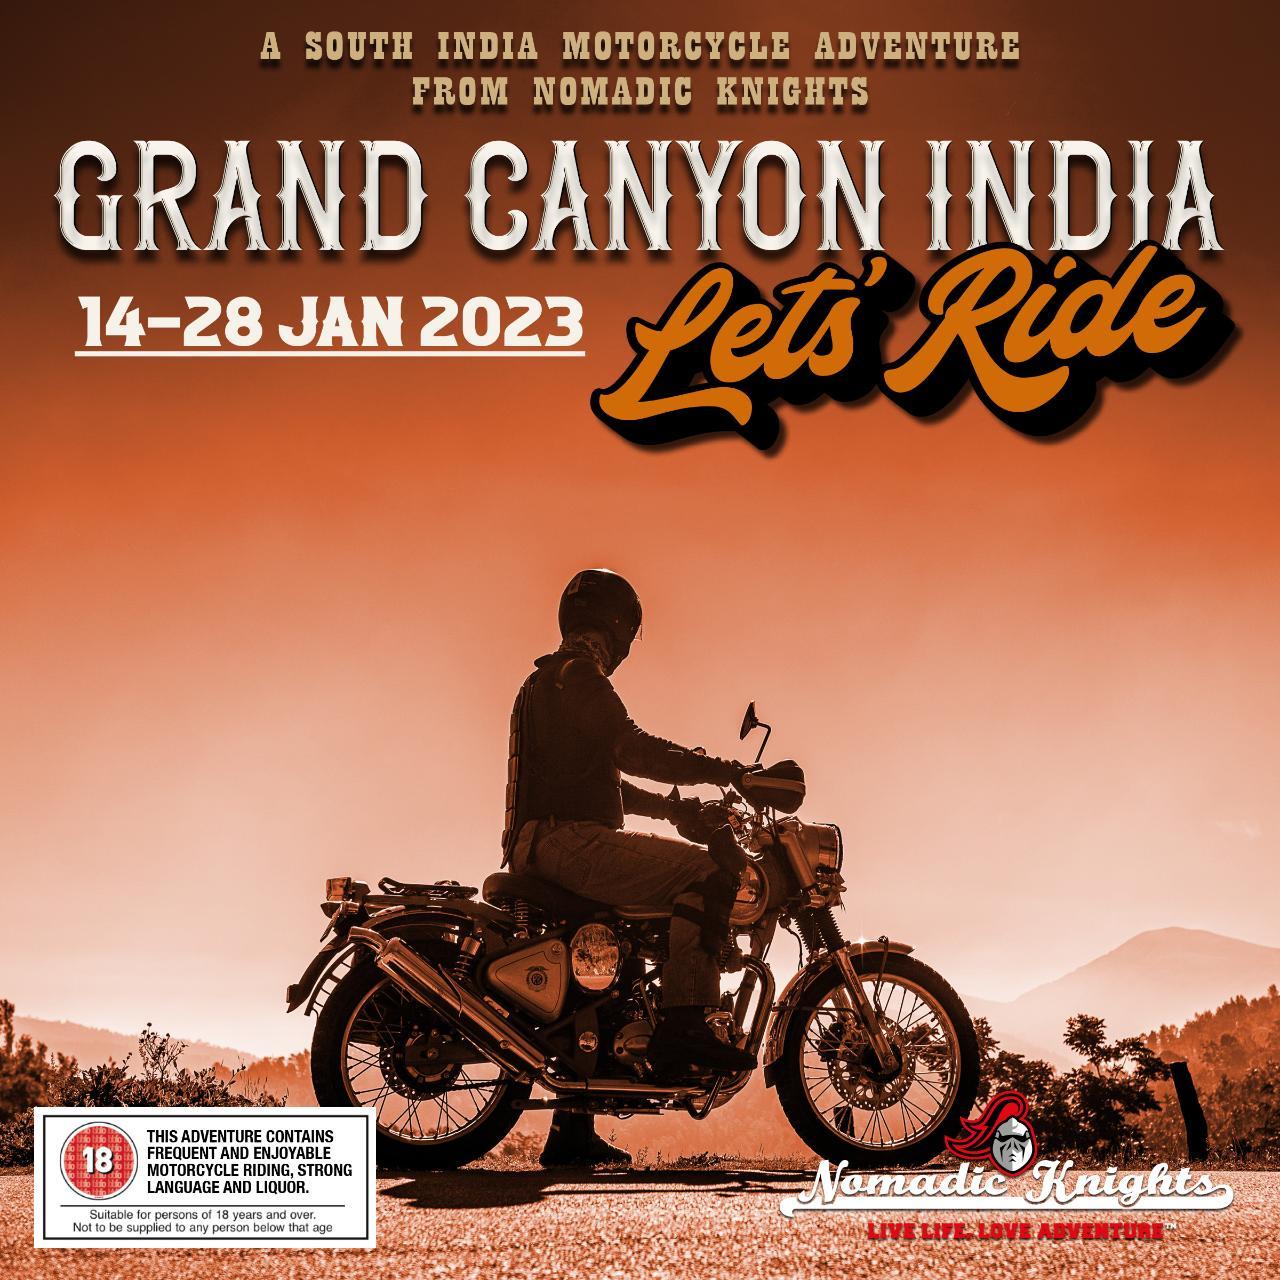 GRAND CANYON INDIA : 14 - 28 JAN 2023